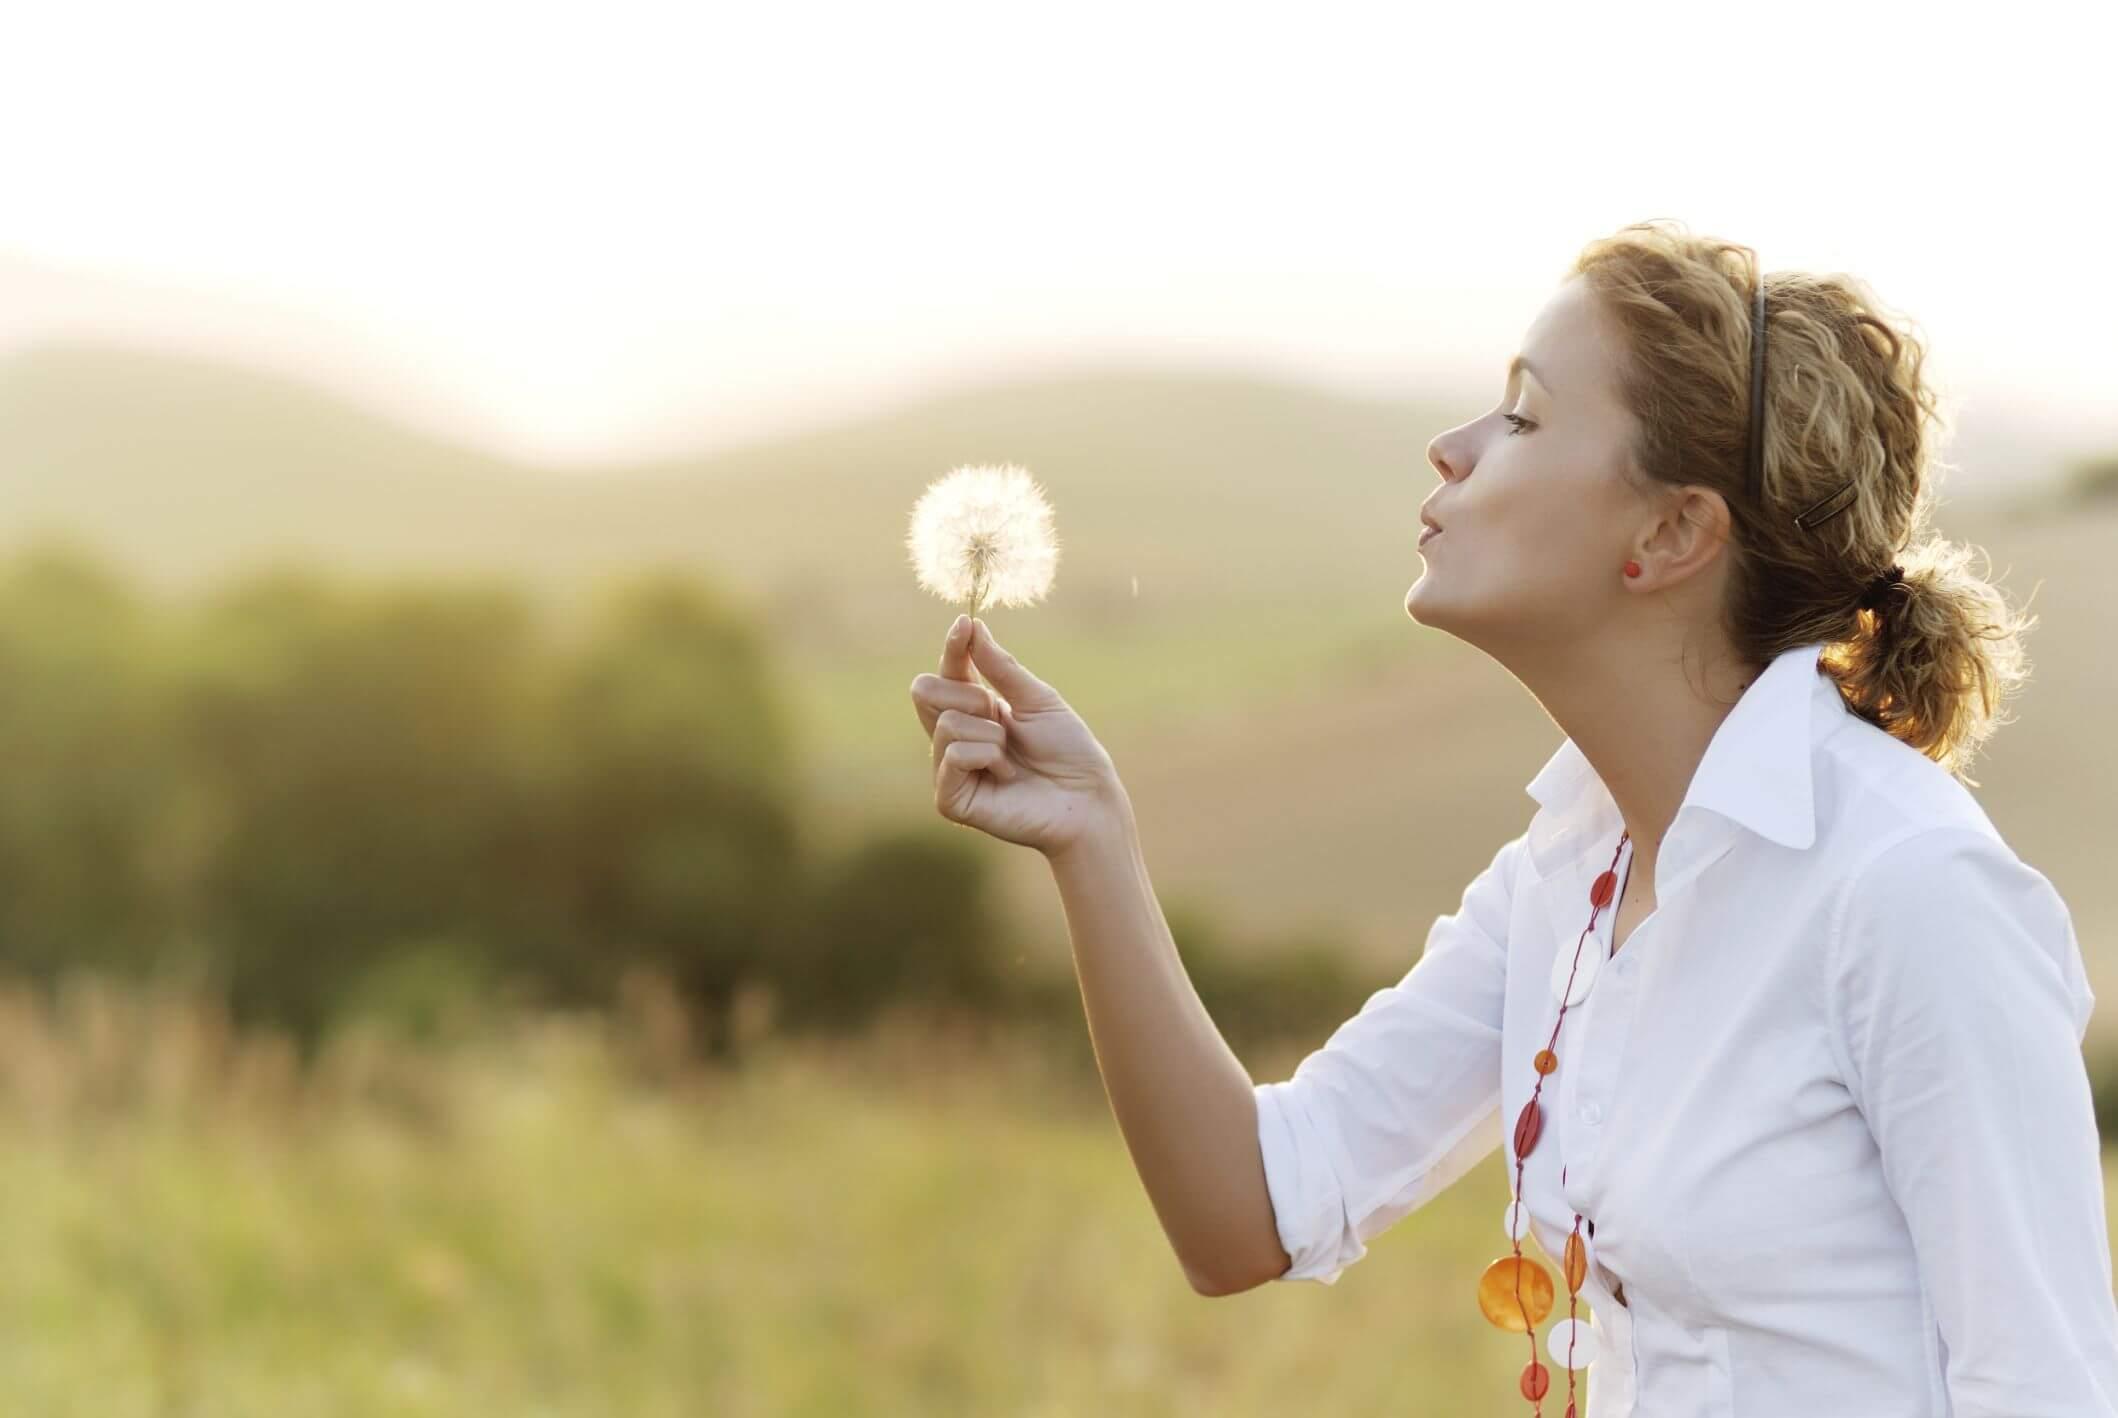 Alergija ili prehlada? Kako prepoznati simptome?